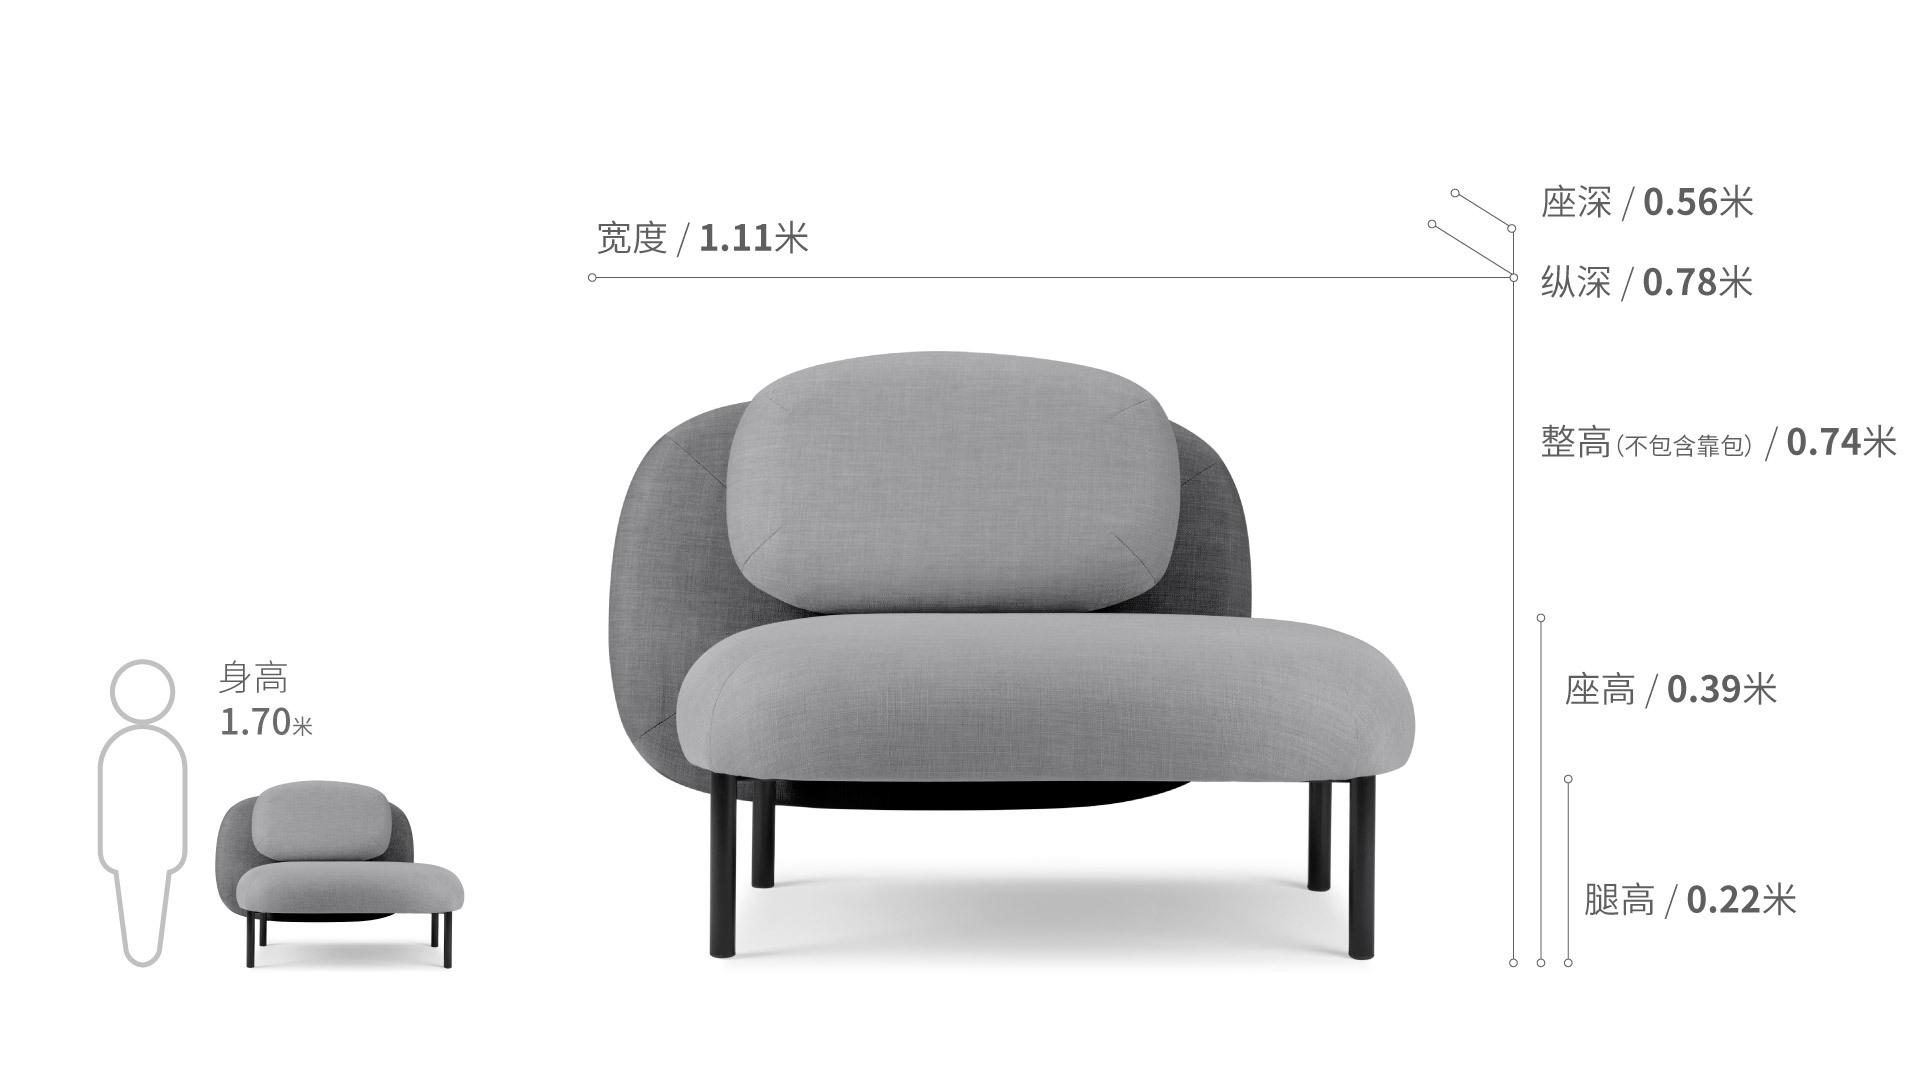 造作软糖沙发®单人座沙发效果图